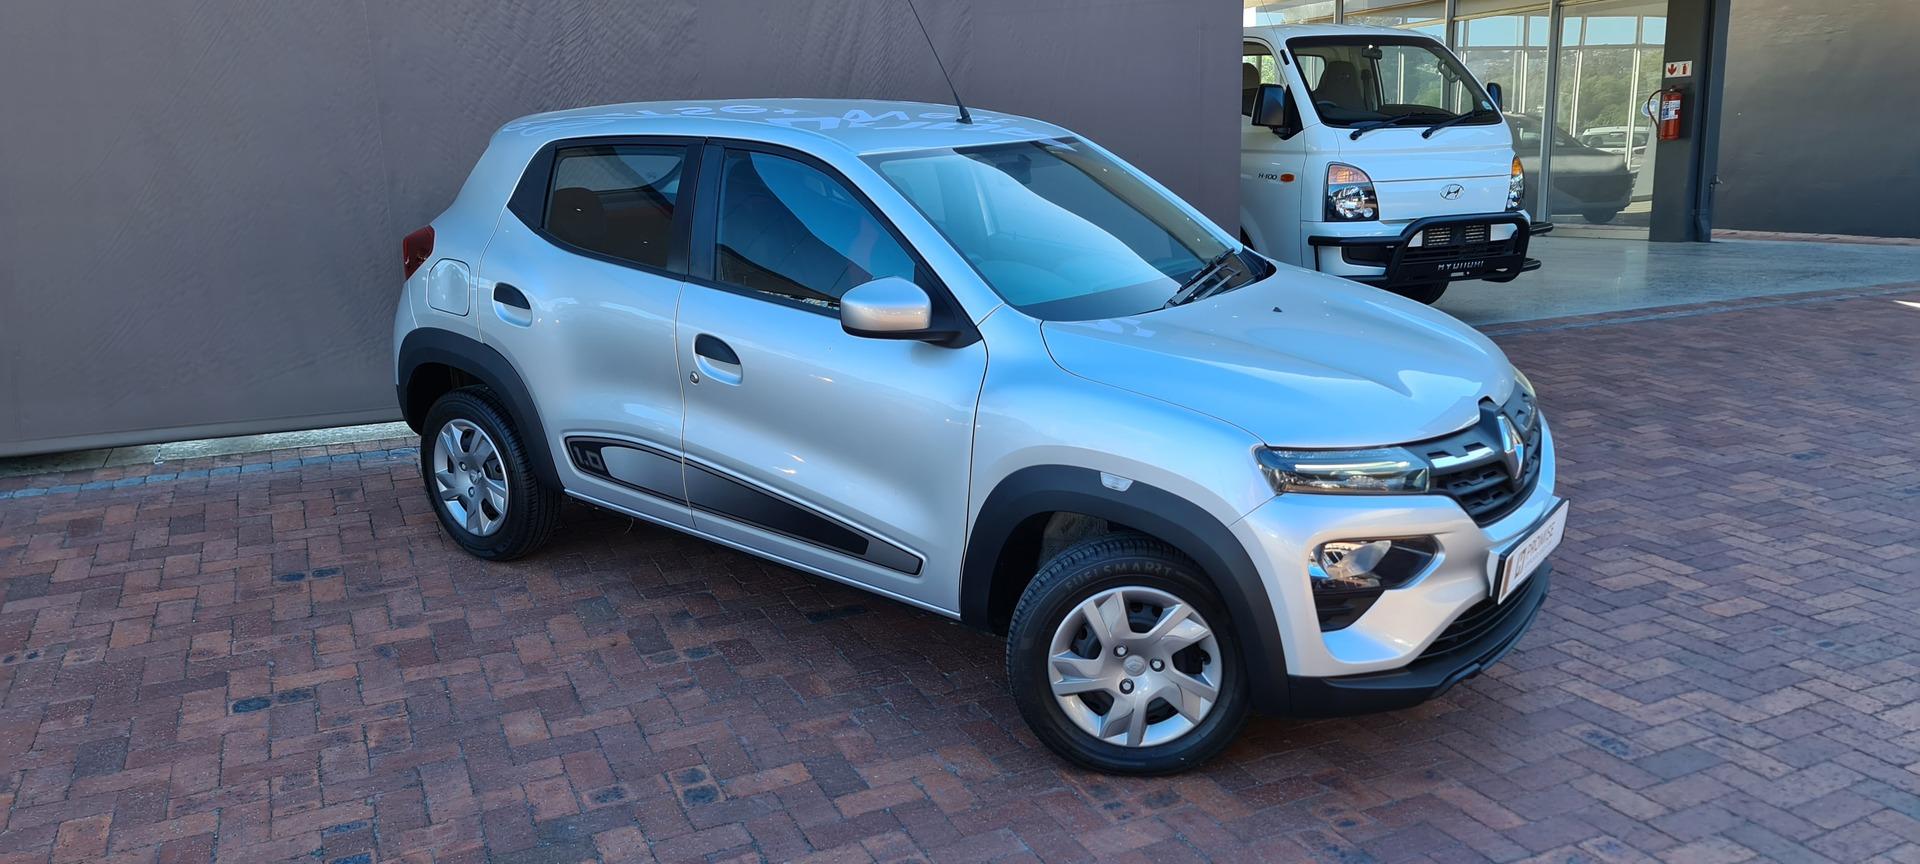 RENAULT 1.0 DYNAMIQUE 5DR AMT Cape Town 11322459